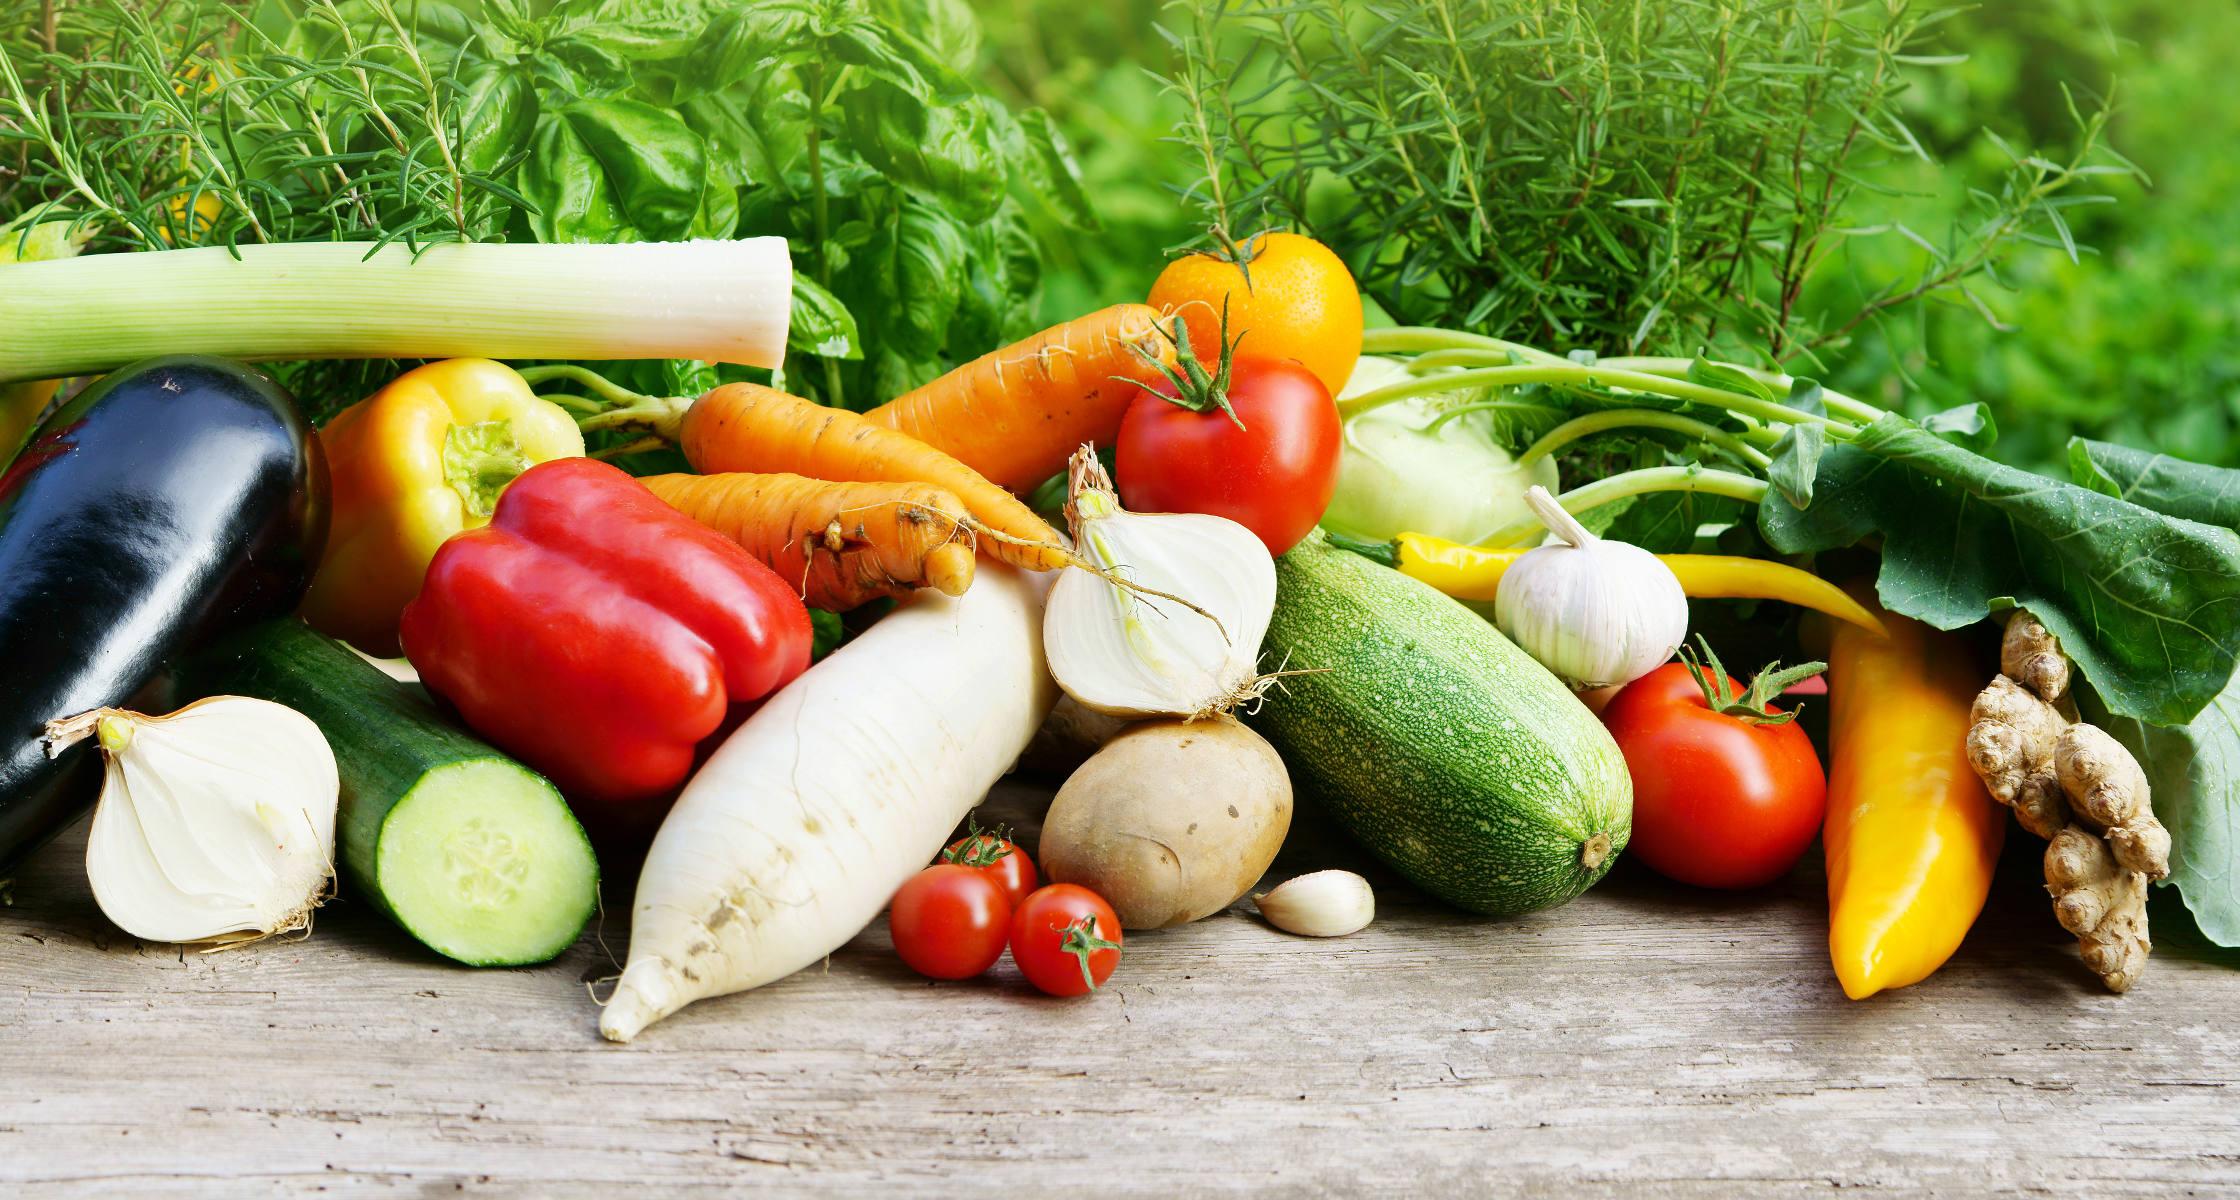 Blog über vegetarische Ernährung